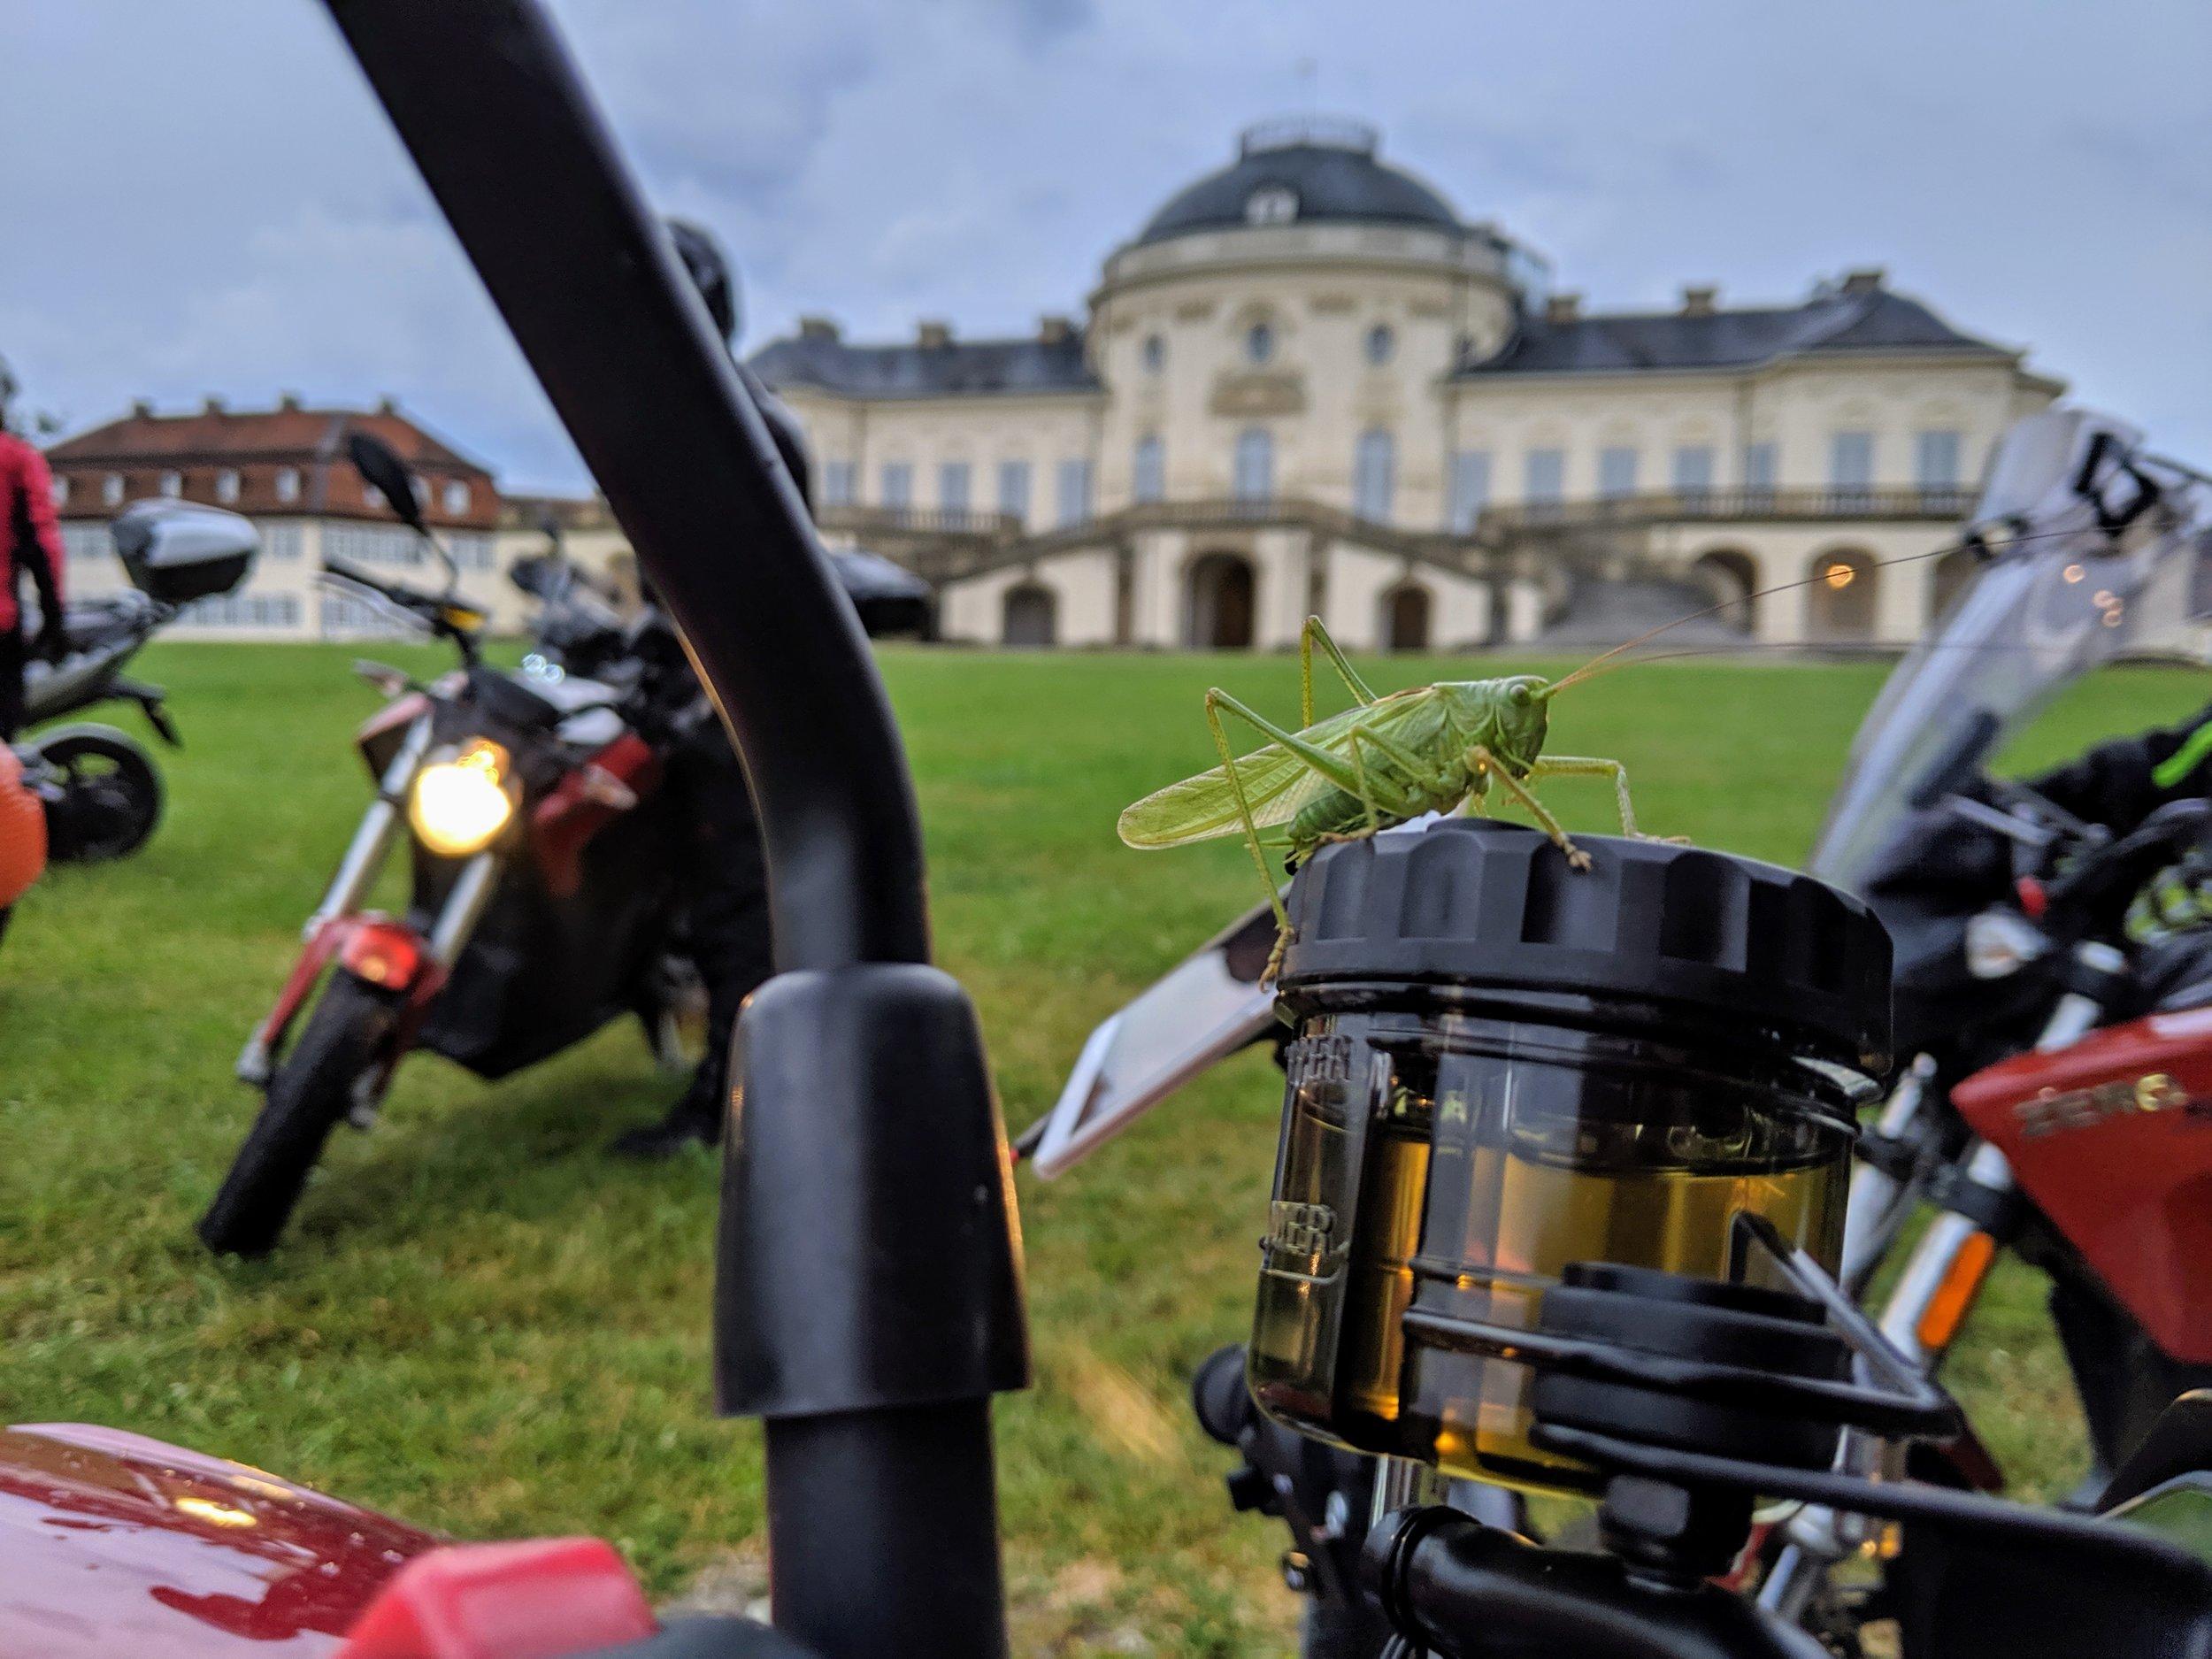 First stop, Schloss Solitude. It's a green tour!